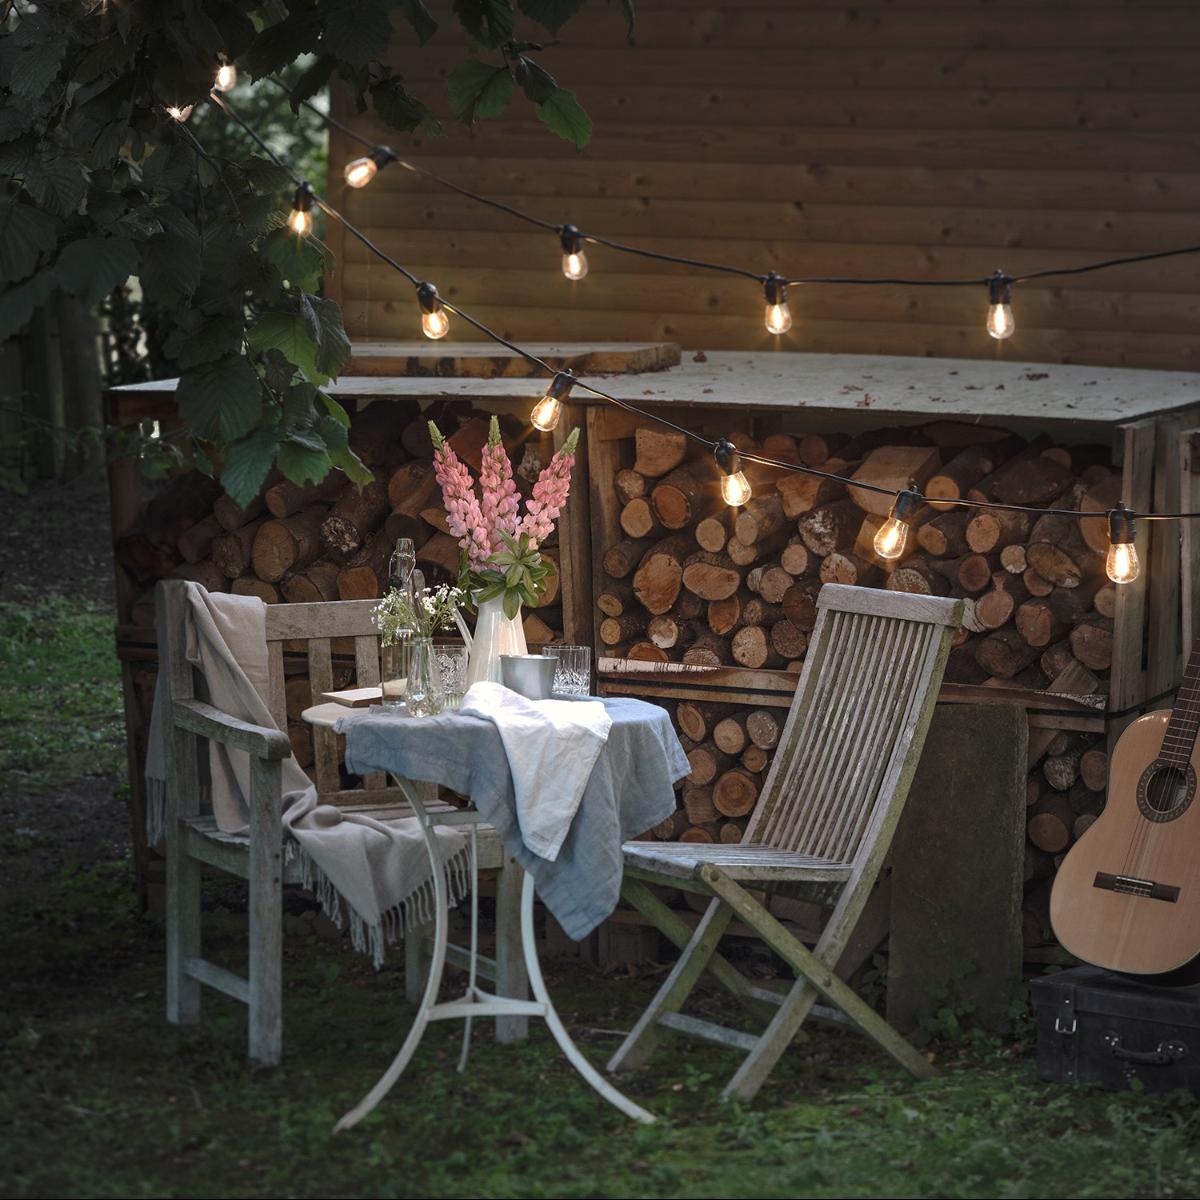 Gartenstühle mit Partylichterkette am Abend.